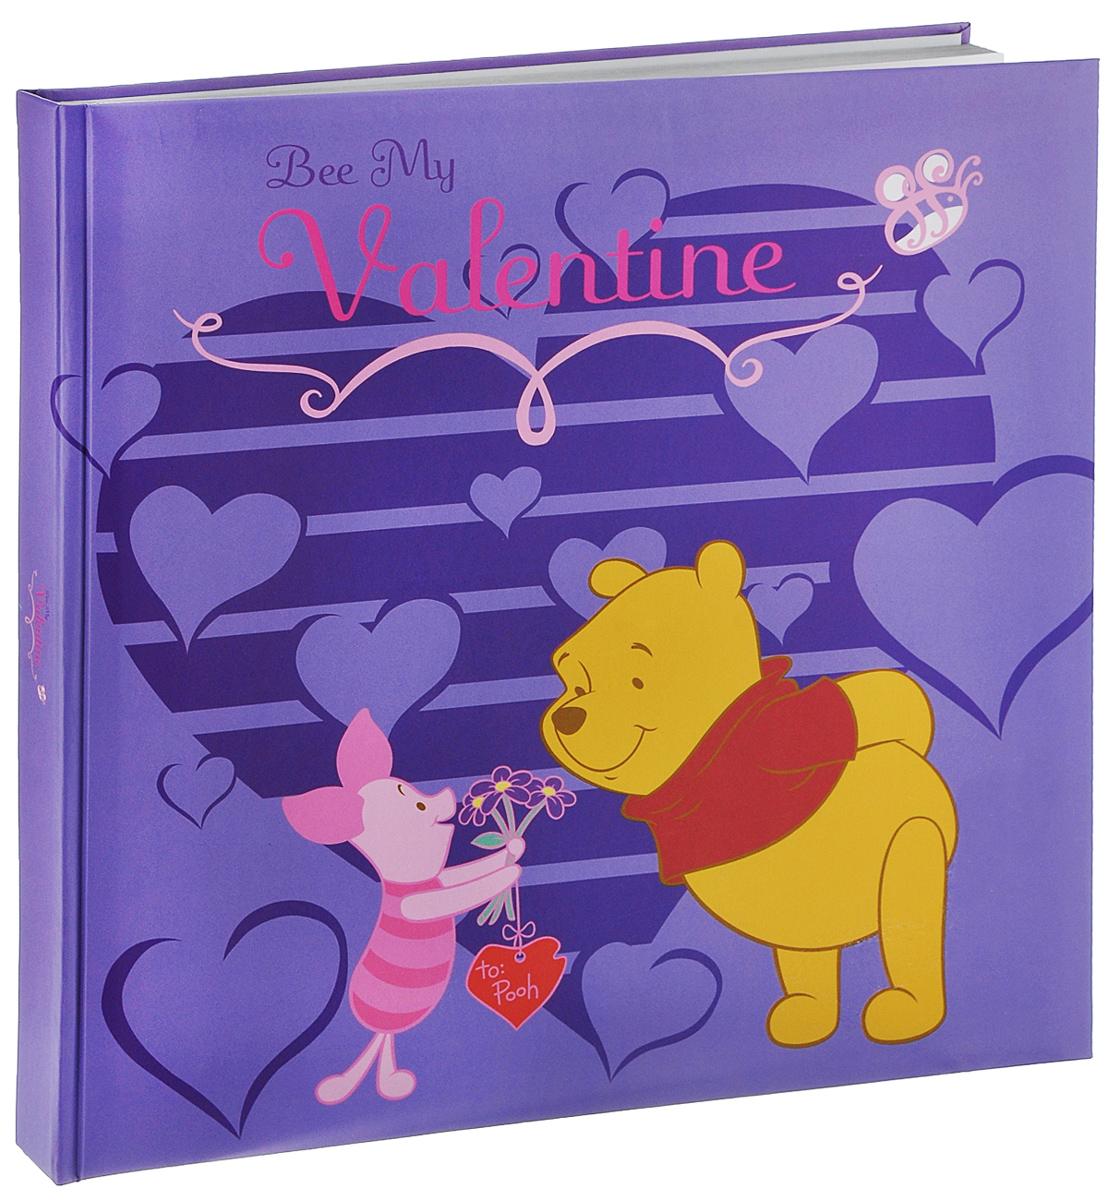 Фотоальбом Pioneer Disney Valentine, 40 магнитных листов, 29 х 32 см фотоальбом pioneer disney valentine 20 магнитных листов 29 х 32 см lm sa20bb c